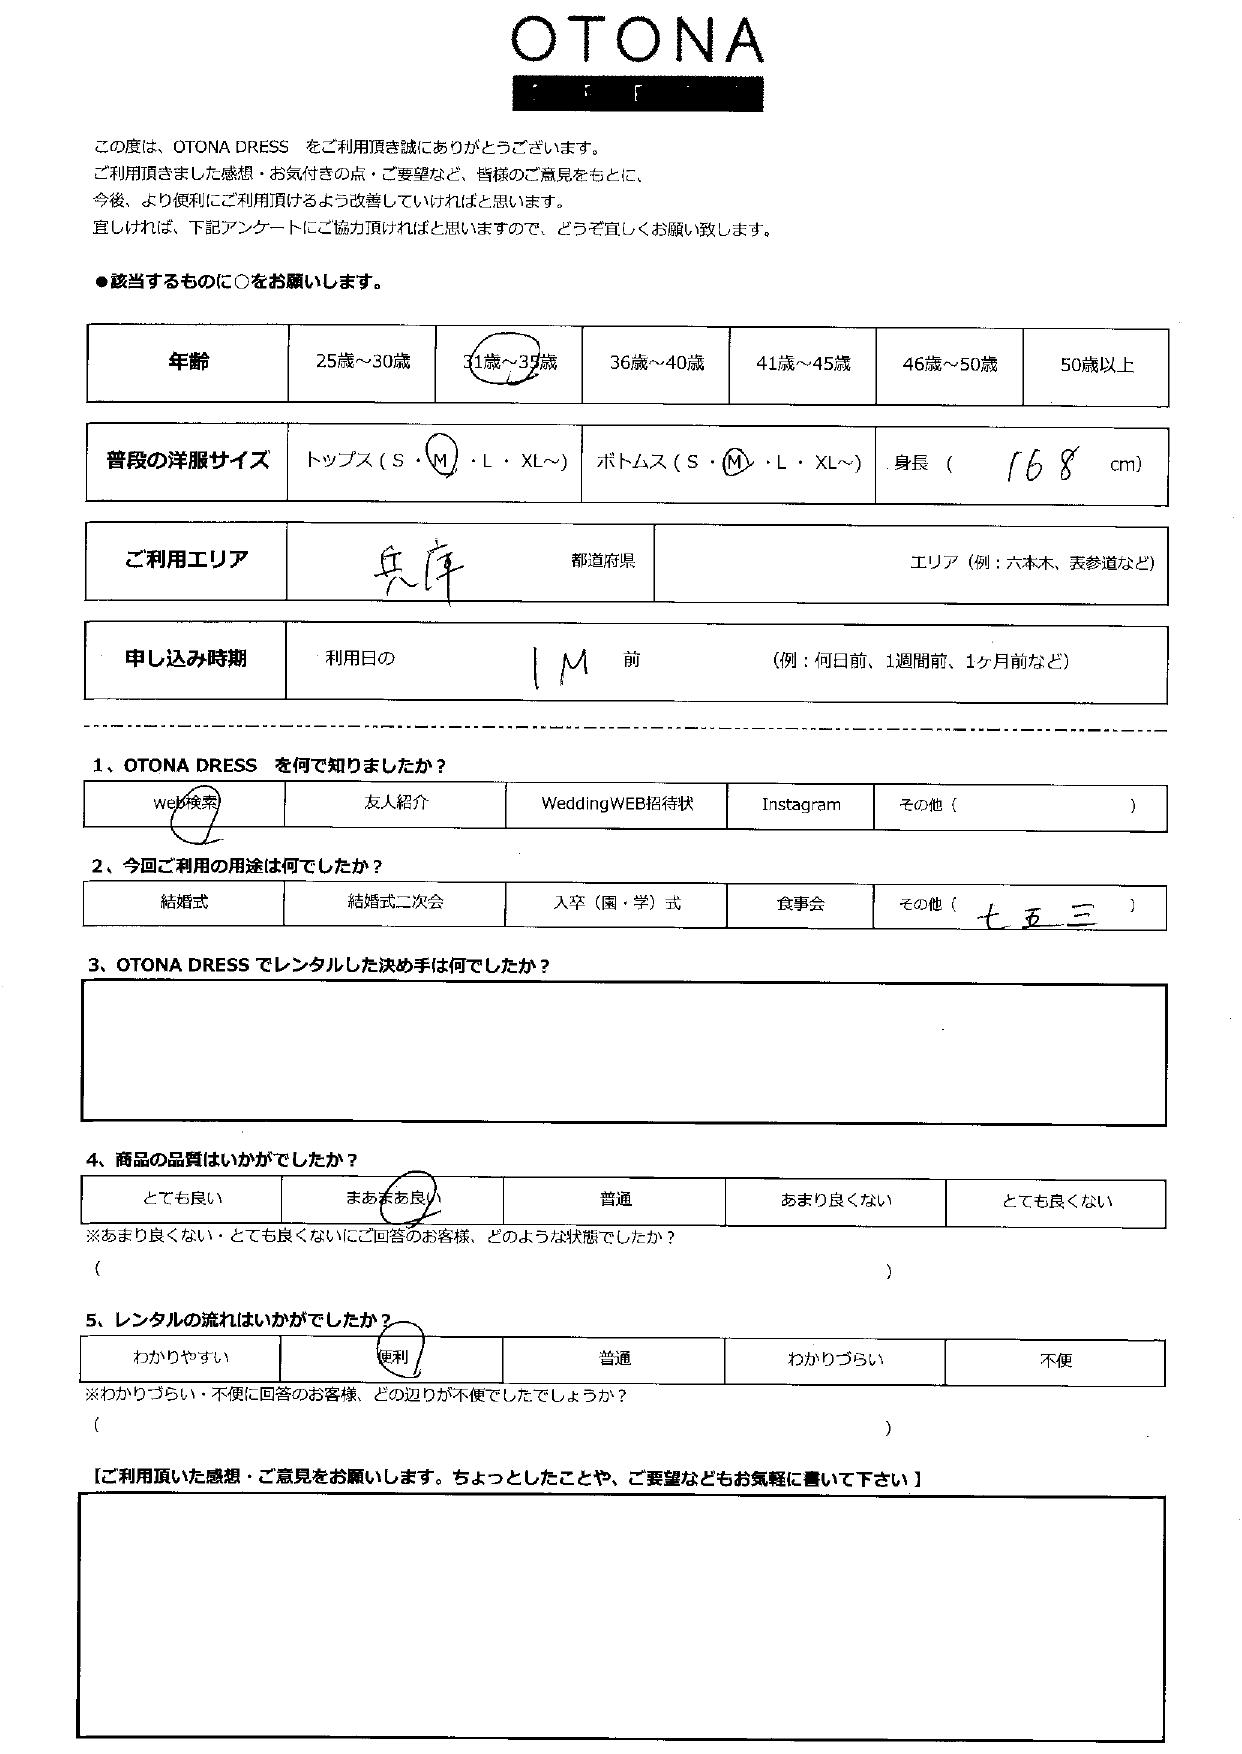 9/23七五三ご利用 兵庫エリア